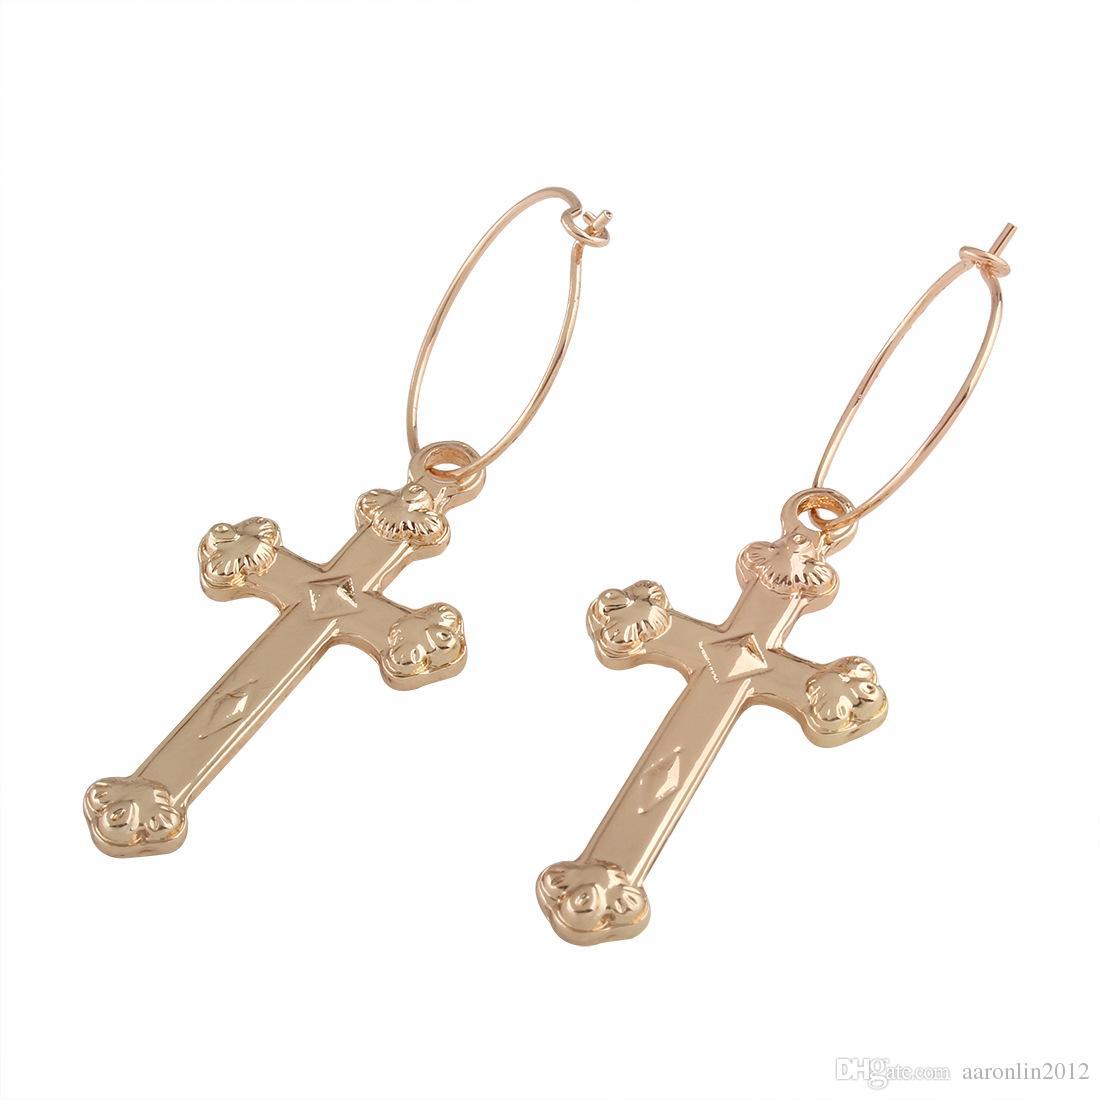 أزياء العلامة التجارية المعادن الصليب هوب أقراط للنساء الشرير مجوهرات الذهب دائرة الأقراط قلادة خمر بيجو